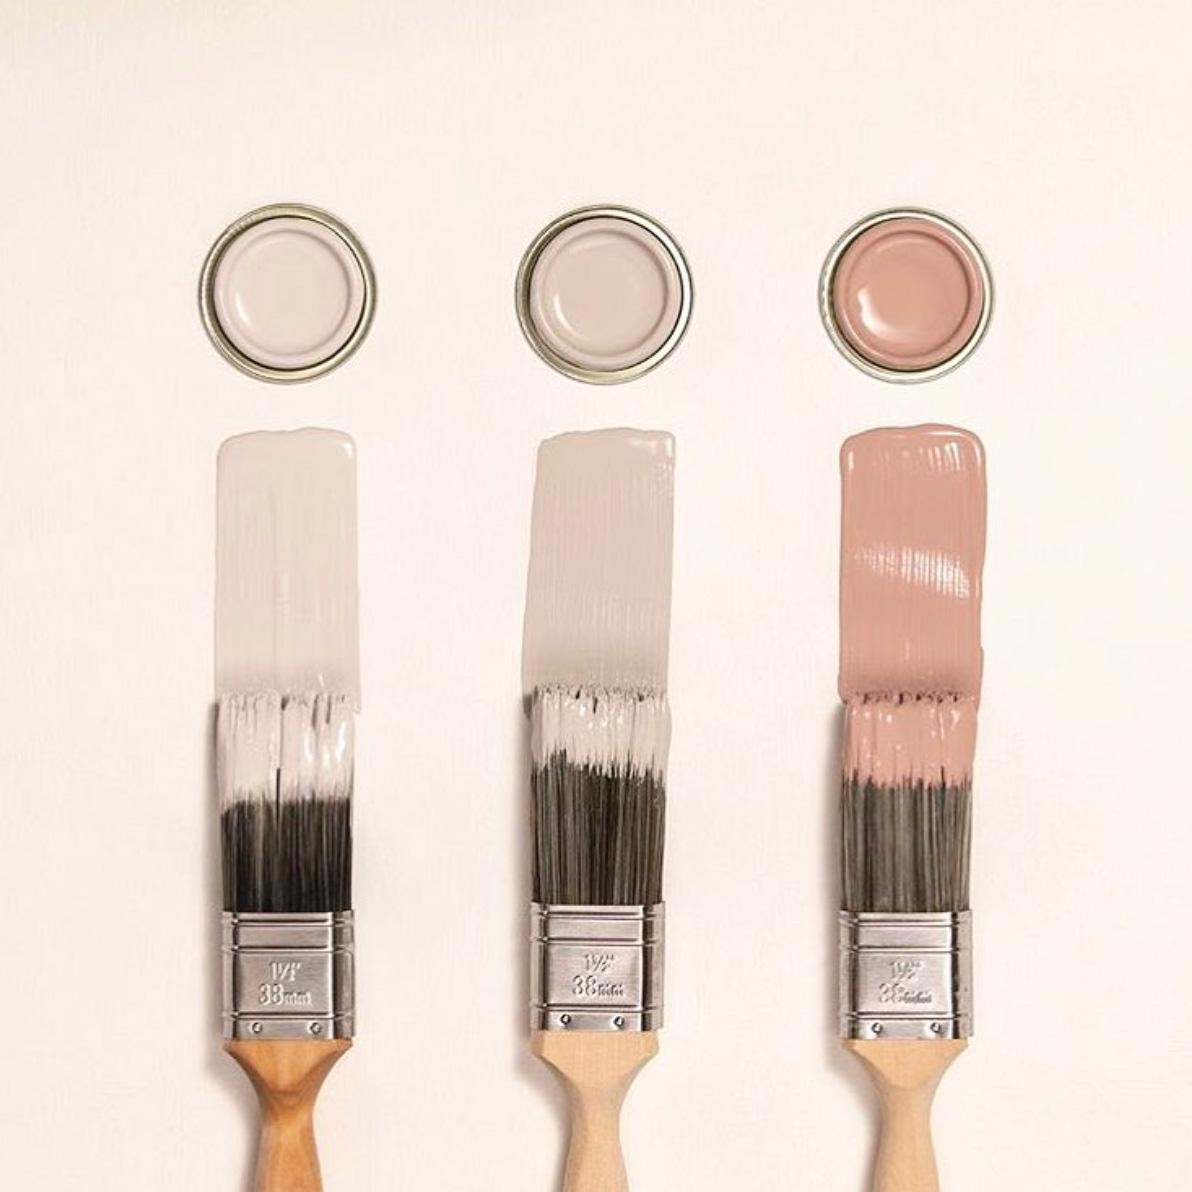 att färgsätta - målning, mönster och tapeter - - HOBBYKURS- FÖR DIG SOM VILL LÄRA DIG MER OM FÄRGSKALOR, NCS, MÖNSTER OCH TAPETER- STARTA NÄR DU VILL